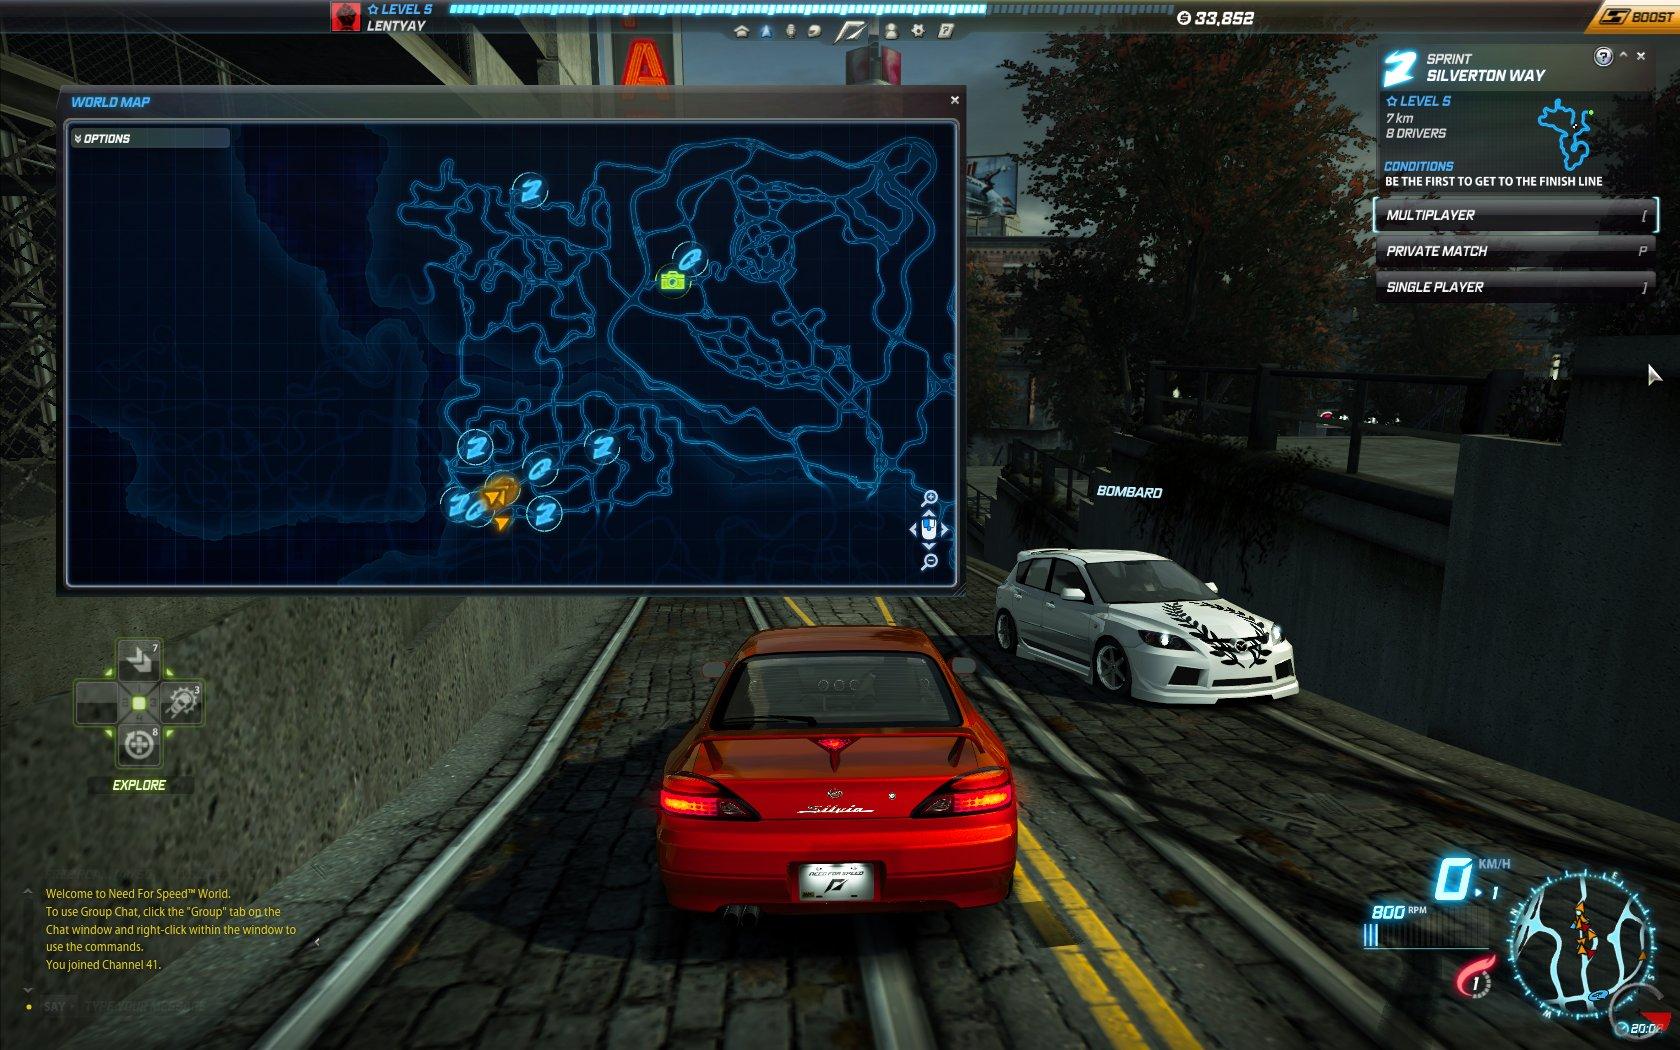 Смотреть фильм в hd 720 игра на выживание